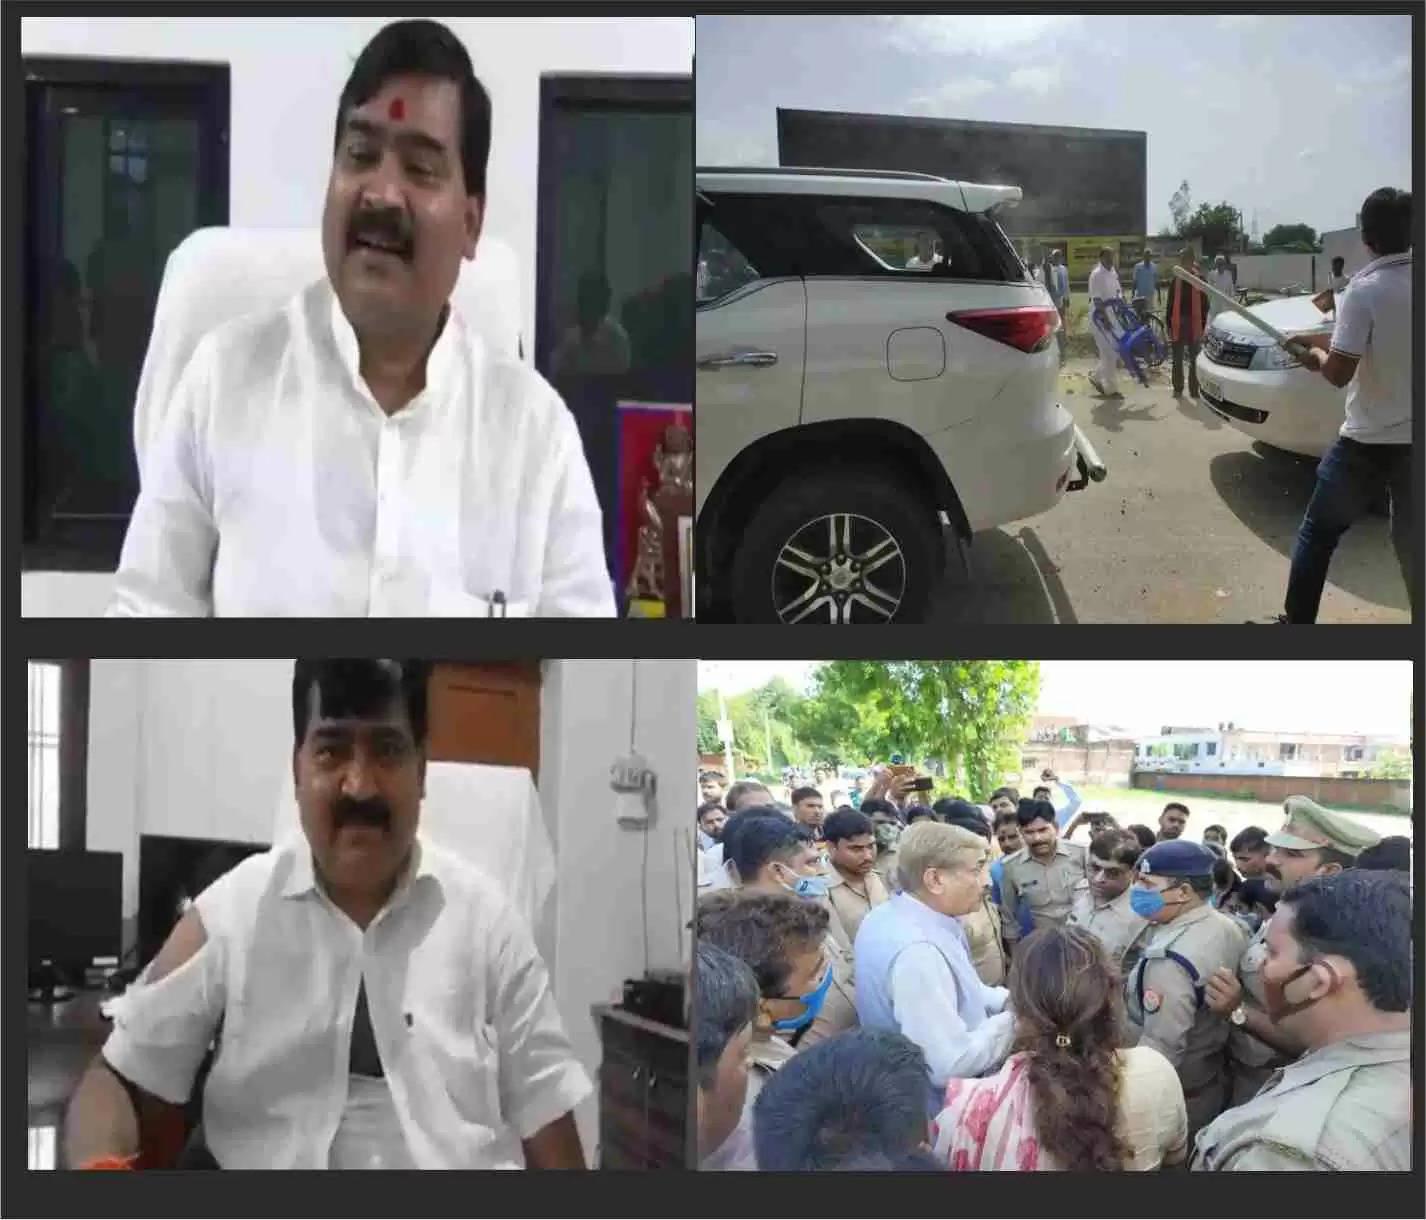 UP NEWS : भाजपा सांसद पर हमला,फाड़ दिएउनके कपड़े,कार्यकर्ताओं को दौड़ा-दौड़ाकर पीटा